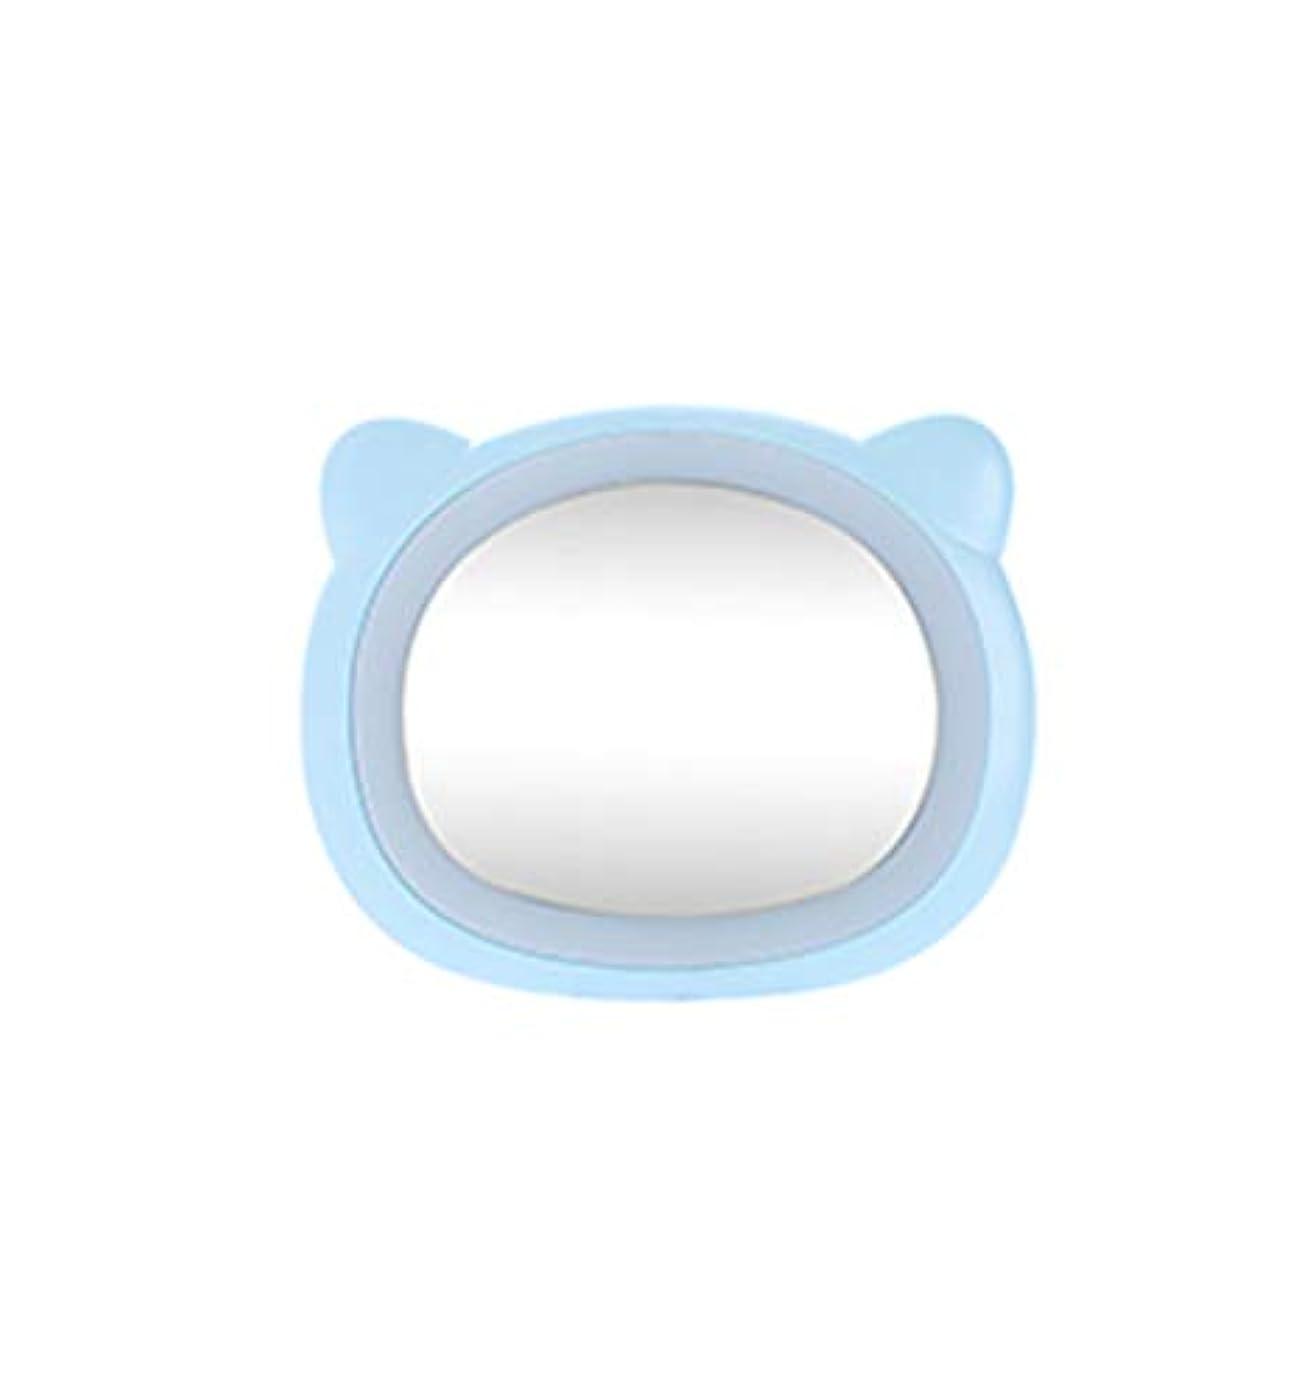 思い出させるオフ後旅行化粧鏡コンパクトミラー付きLEDライト美容化粧品キャンプハンドヘルドライトUSB充電式